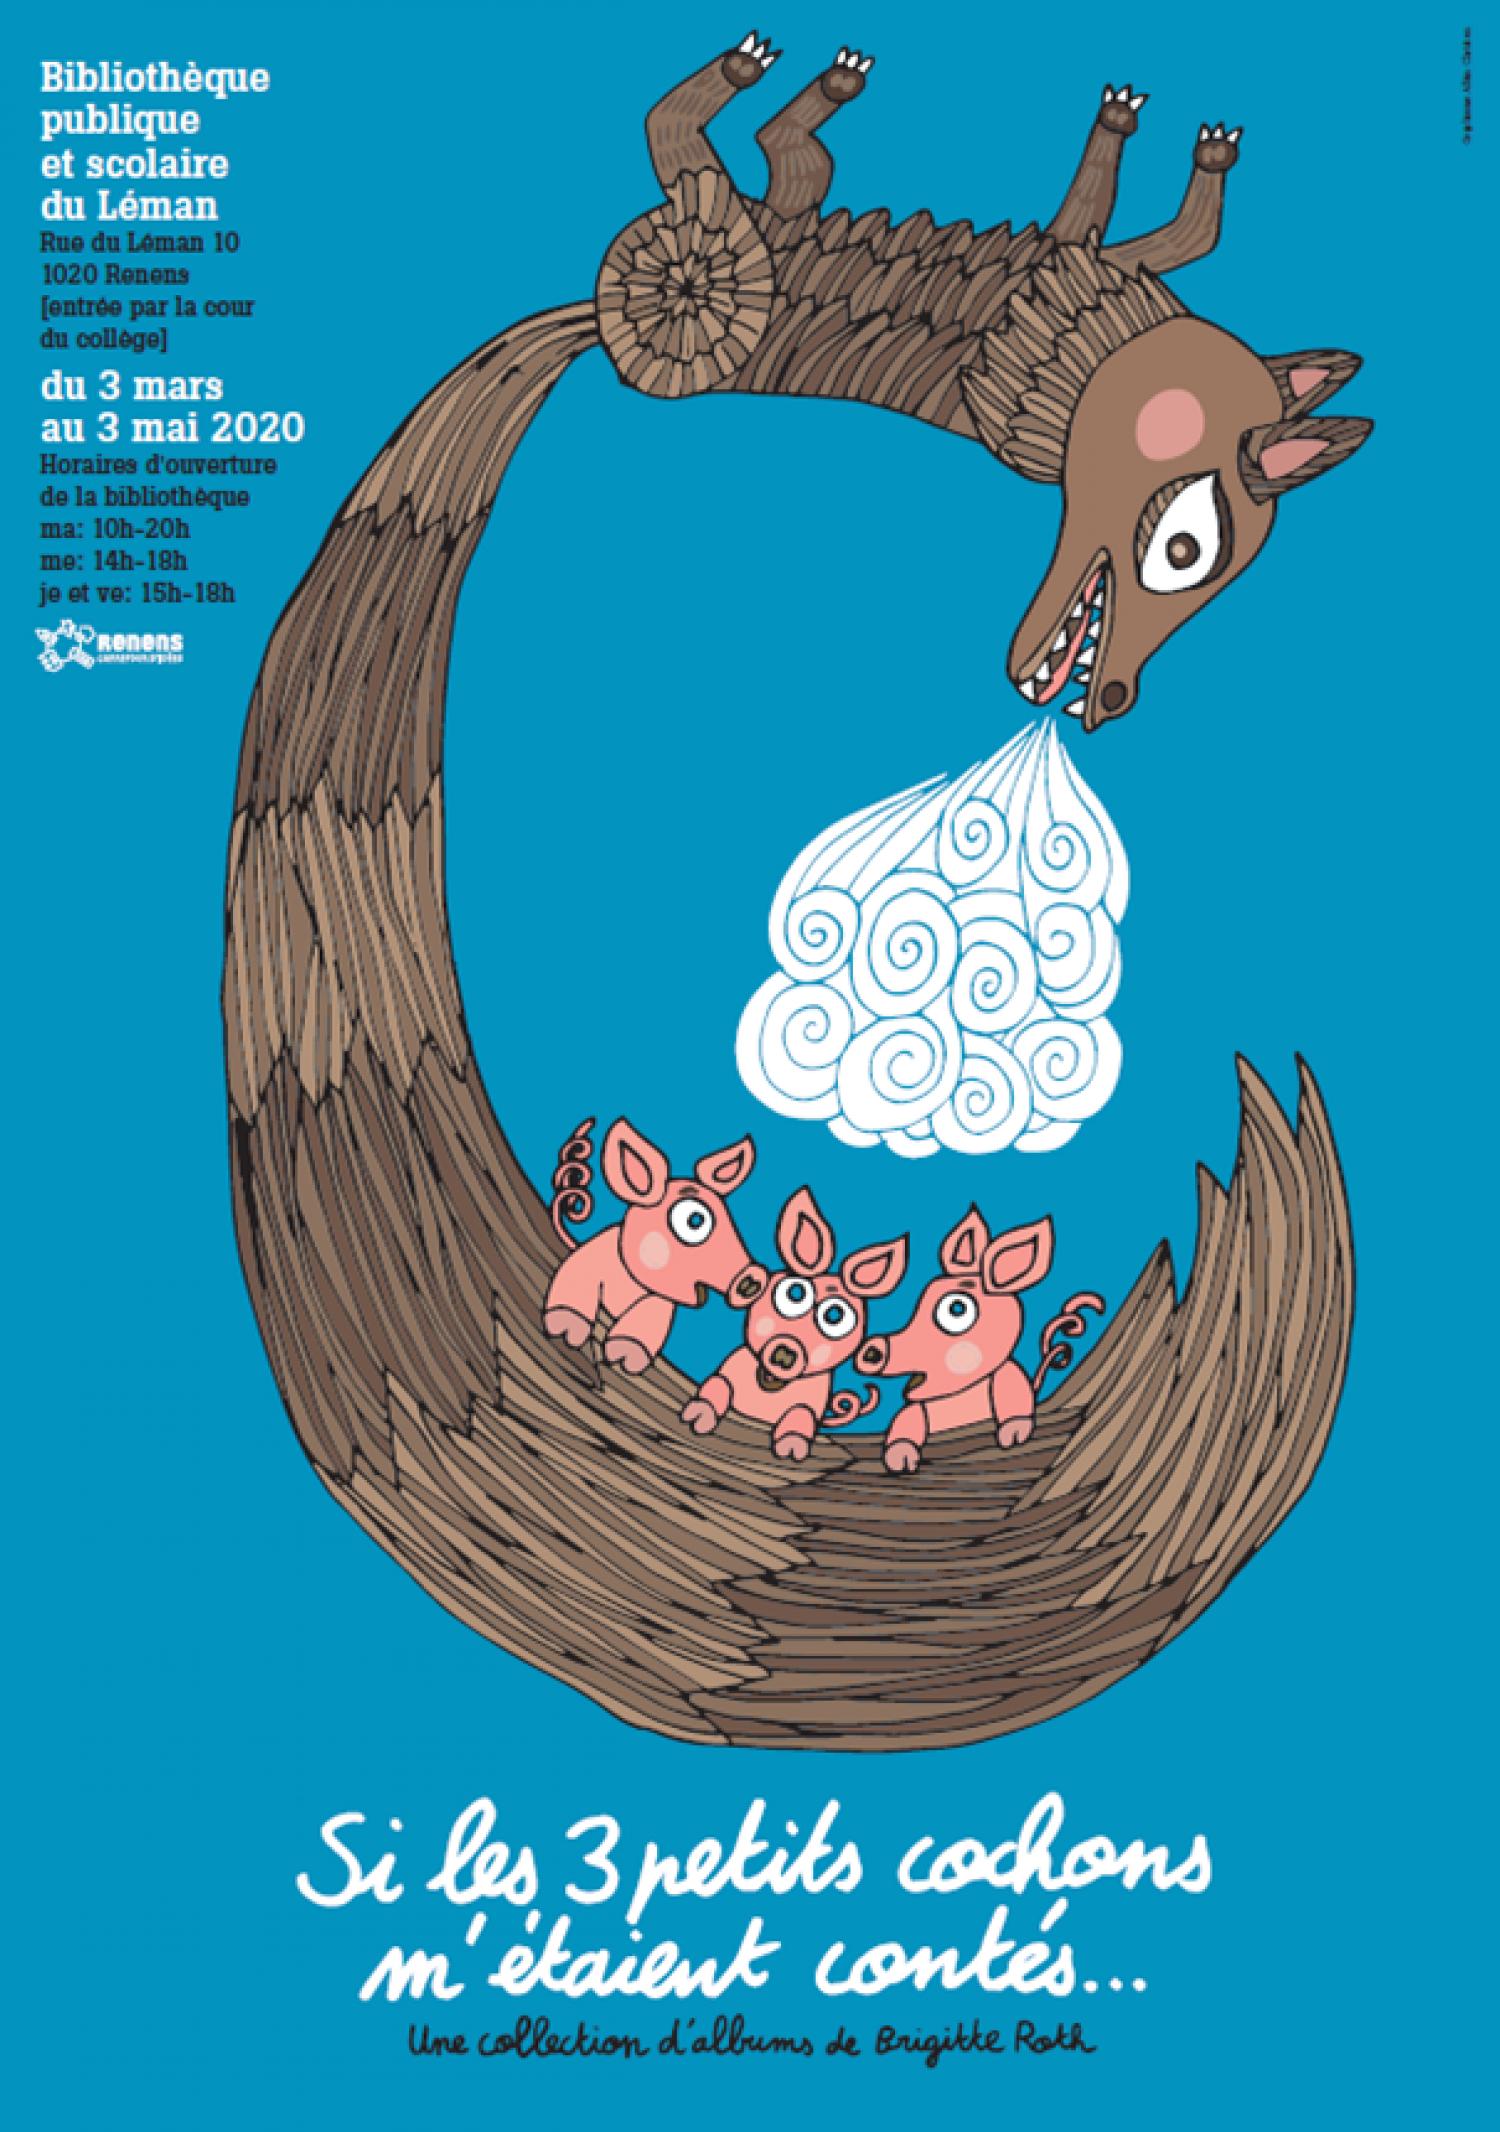 Bibliothèque du Léman - Exposition: Si les 3 petits cochons m'étaient contés...